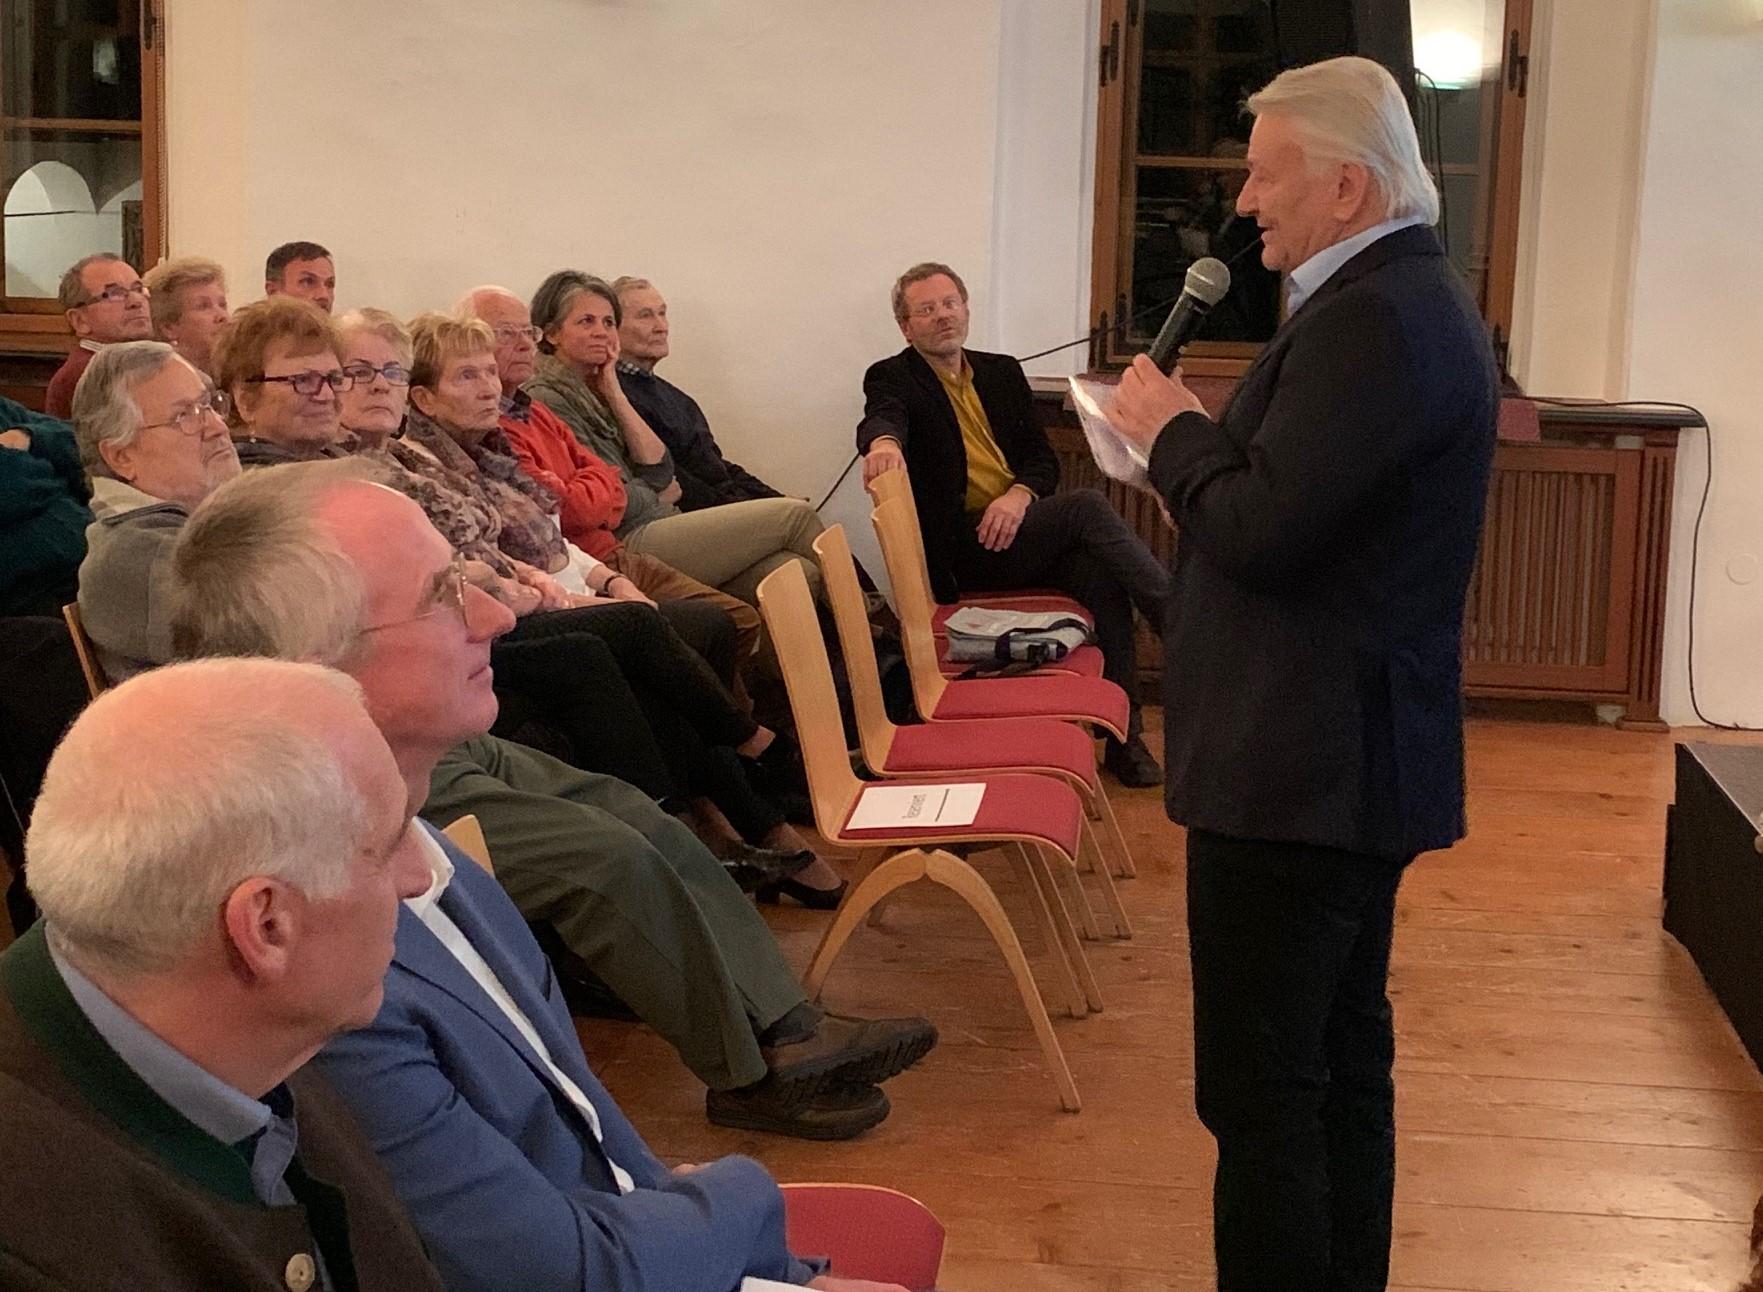 Obmann Manfred Schindlbauer begrüßt die Gäste